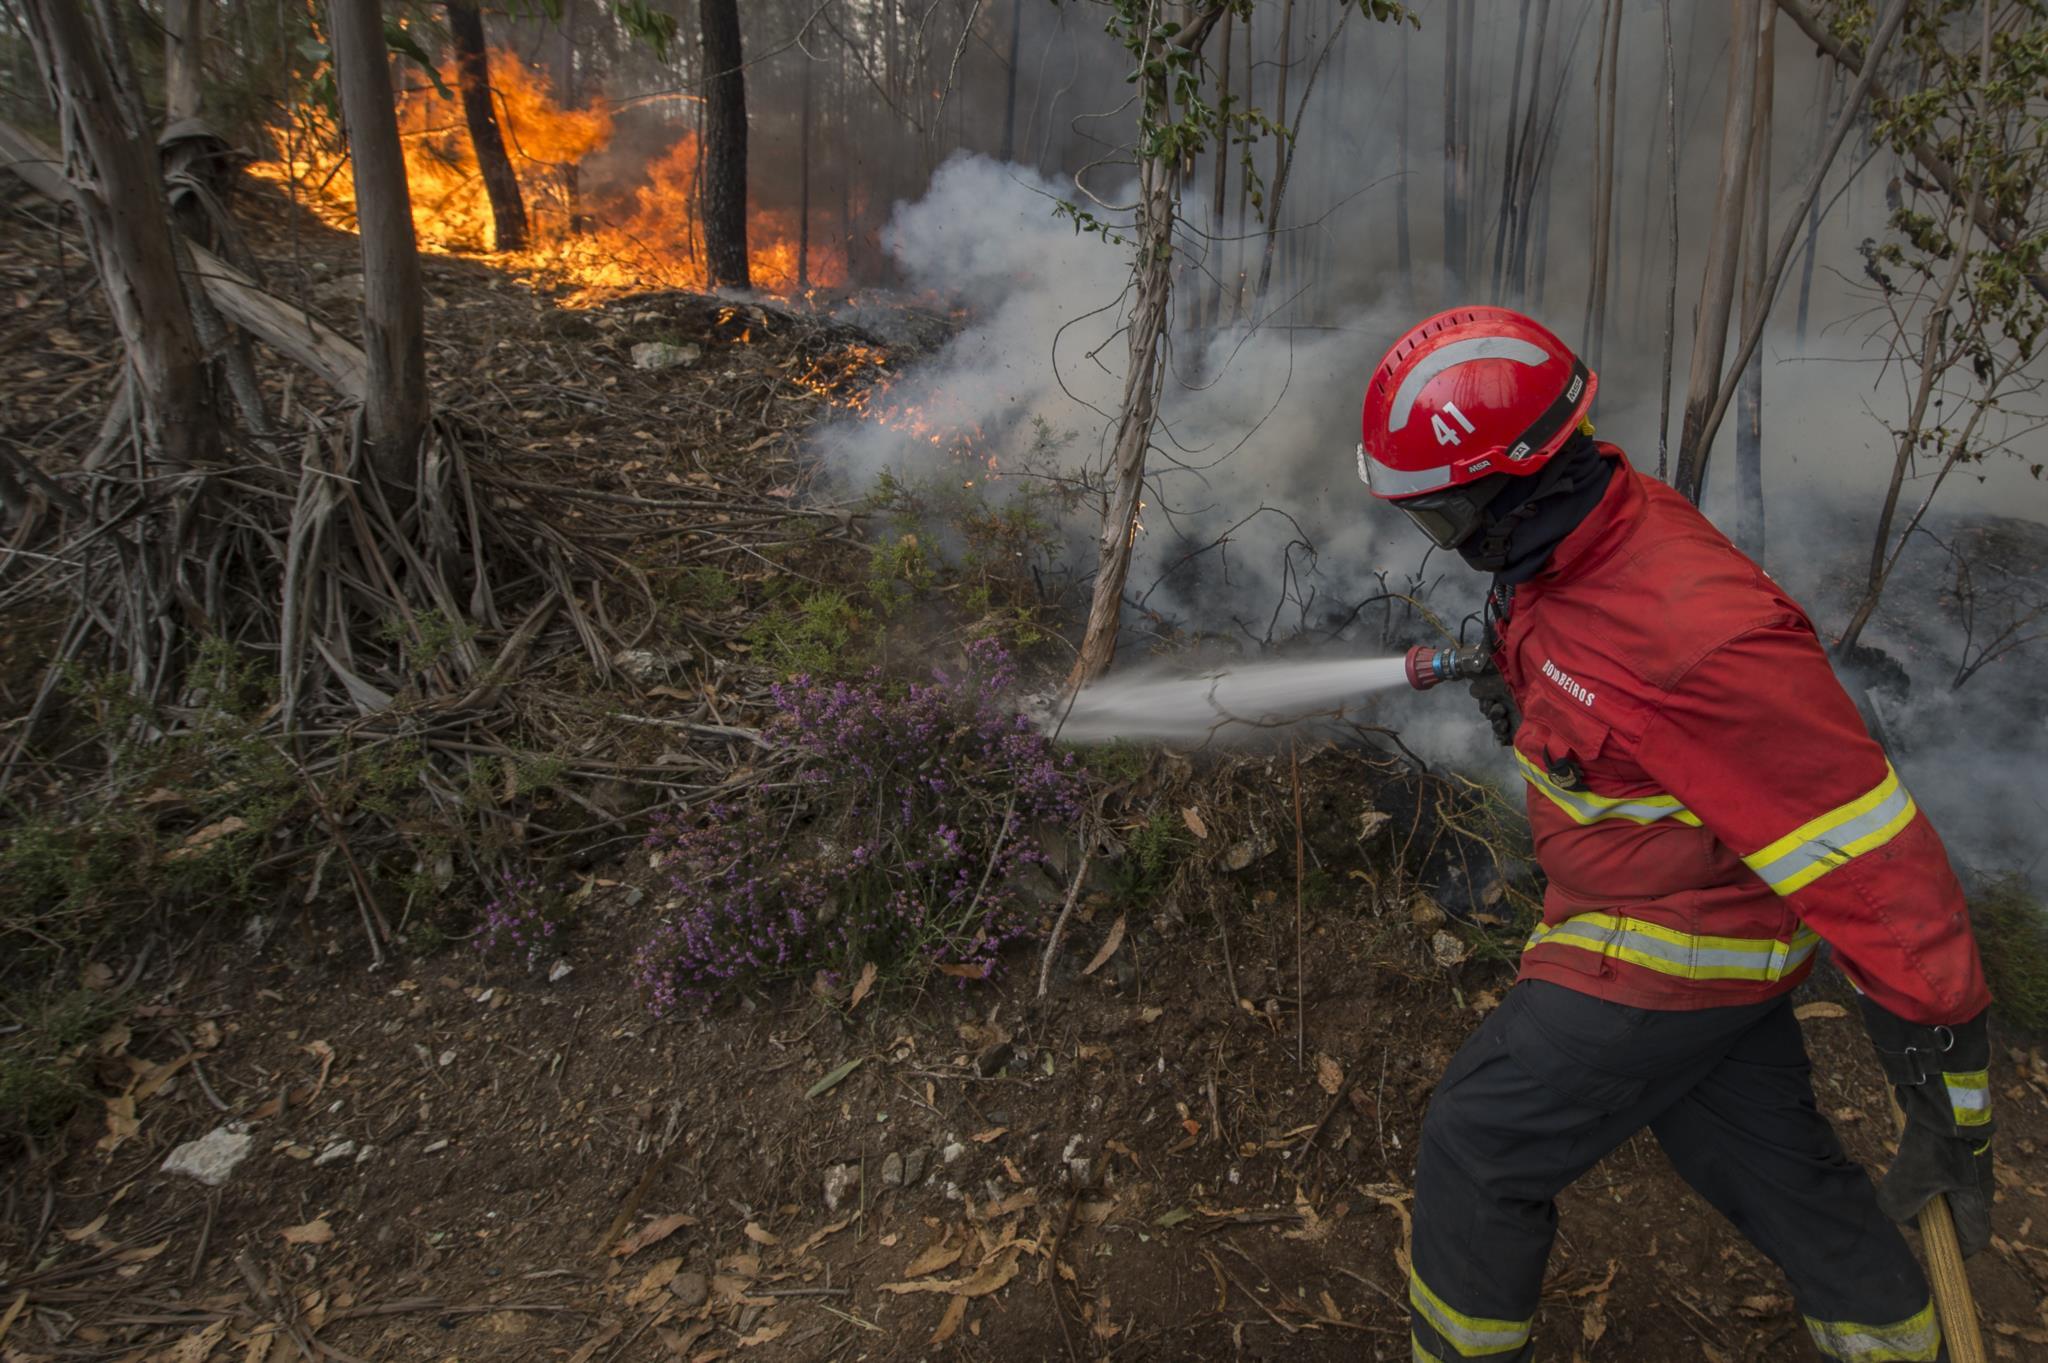 PÚBLICO - PSD e BE questionam MAI sobre polémica no financiamento dos bombeiros